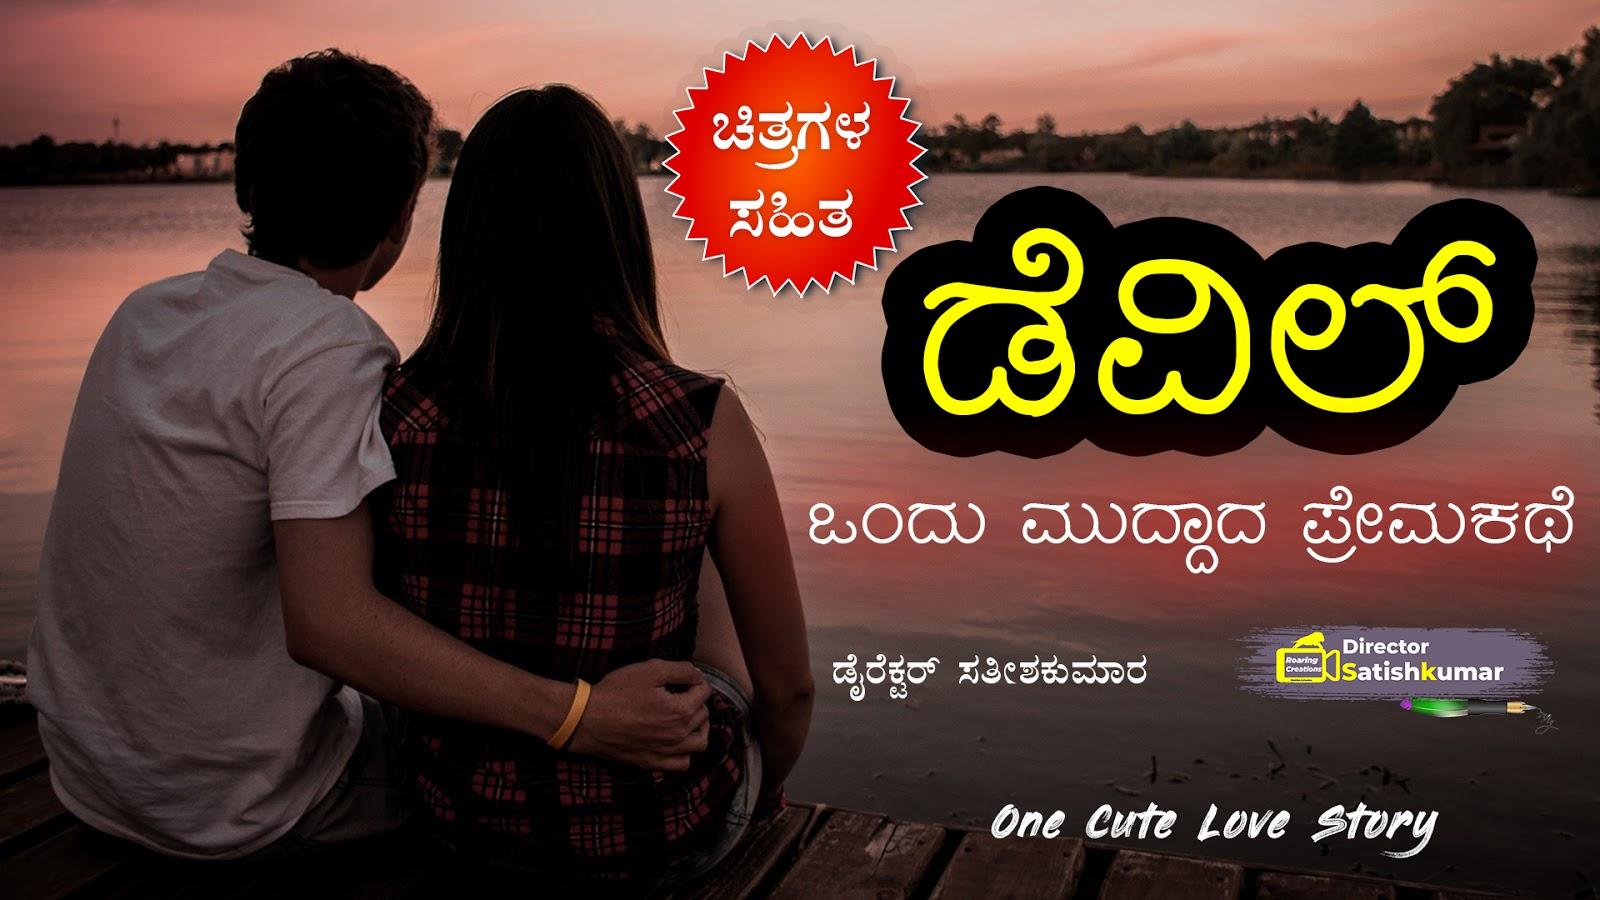 ಡೆವಿಲ್ - ಒಂದು ಮುದ್ದಾದ ಪ್ರೇಮಕಥೆ - One Cute Love Story in Kannada - ಕನ್ನಡ ಕಥೆ ಪುಸ್ತಕಗಳು - Kannada Story Books -  E Books Kannada - Kannada Books